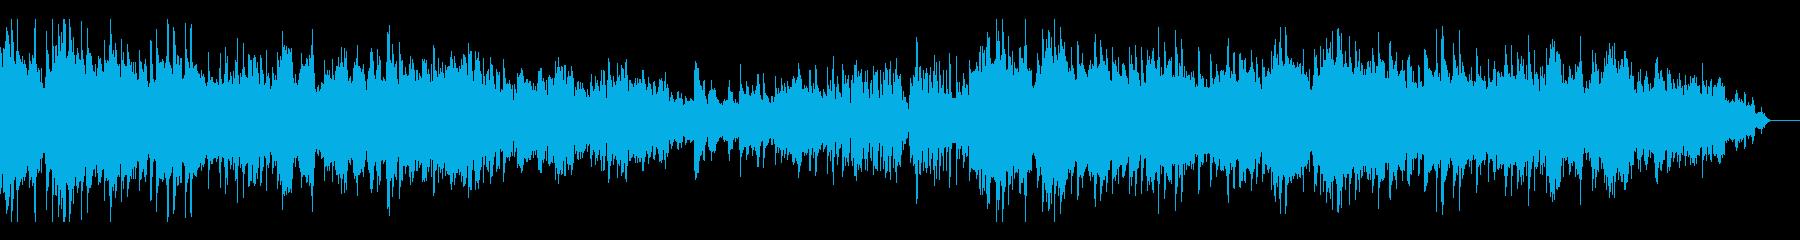 即興曲風の激しく情熱的なピアノの再生済みの波形